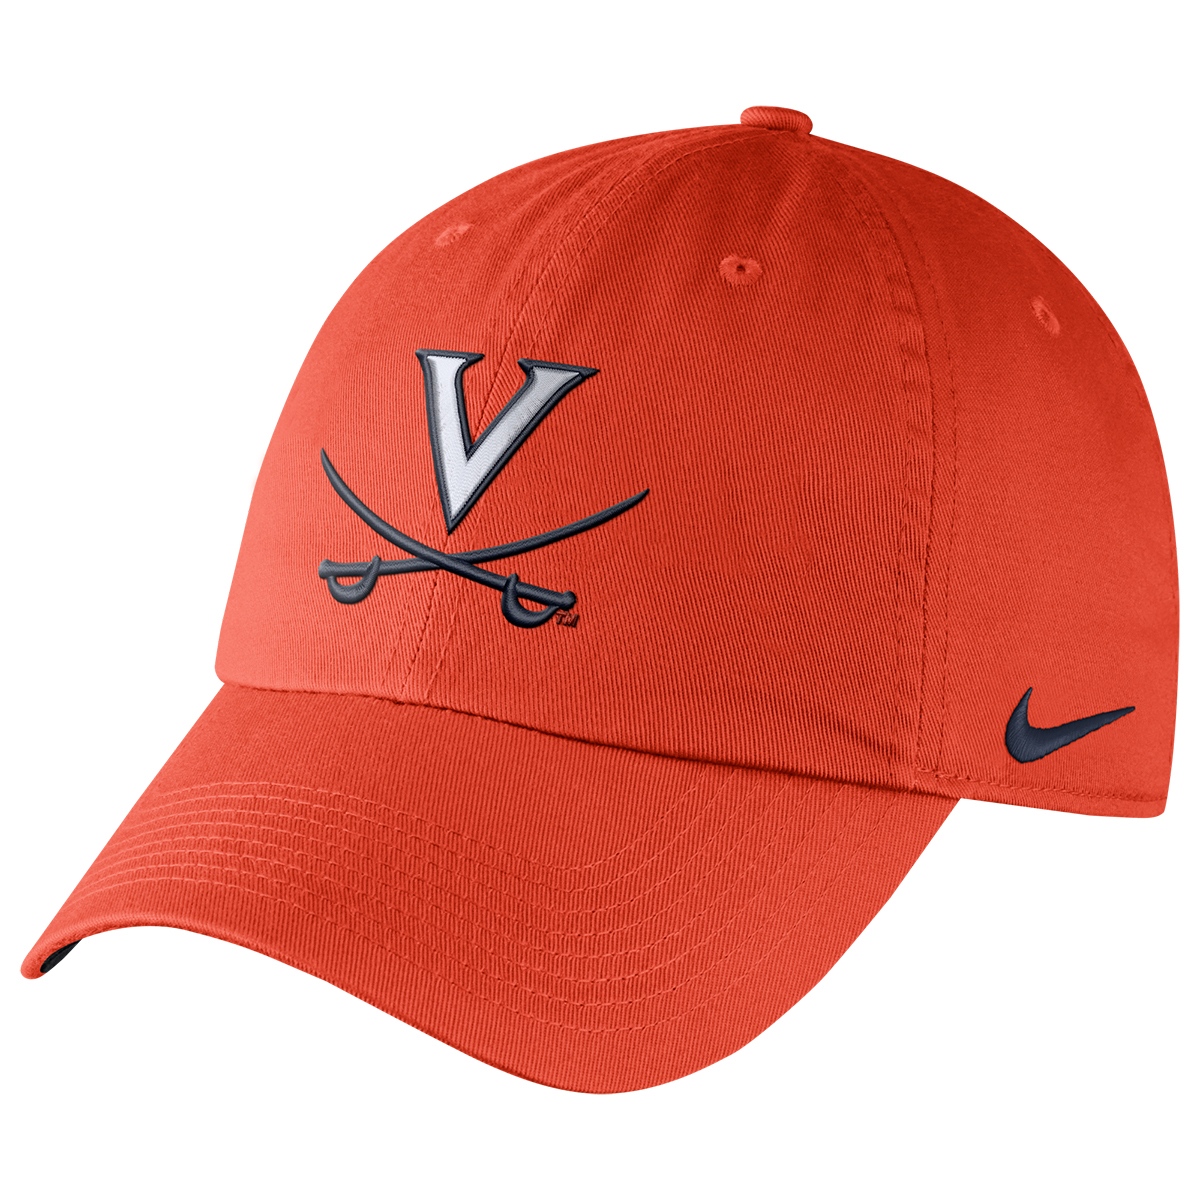 University of Virginia Nike H86 Dri-FIT hat